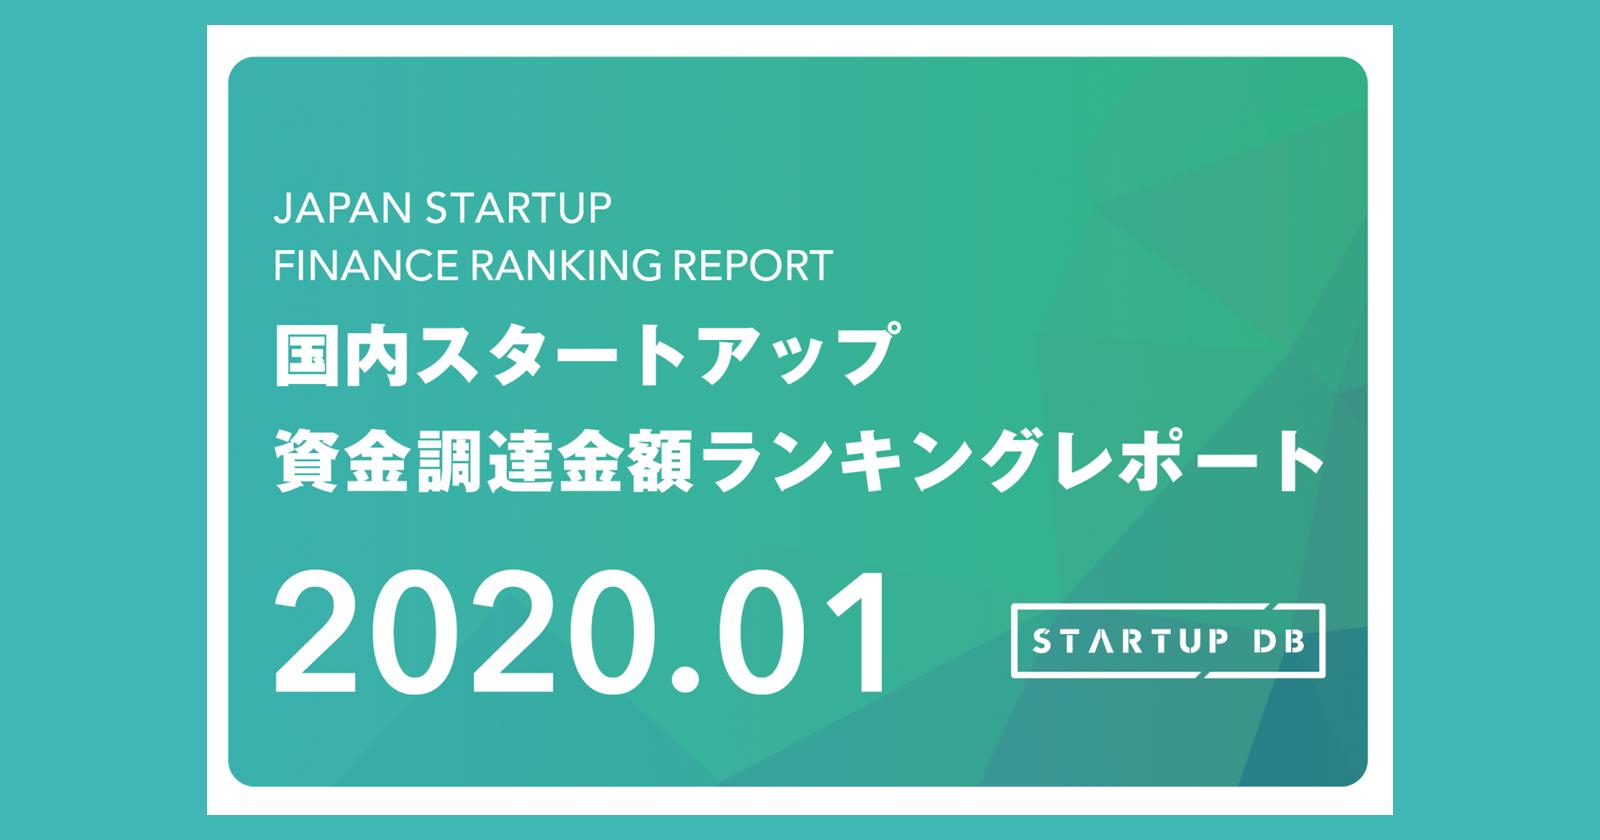 【STARTUP DB】調査結果 国内スタートアップ資金調達ランキング(2020年1月) 首位のInagoraホールディングスを含む2社が50億円以上の資金調達を実施